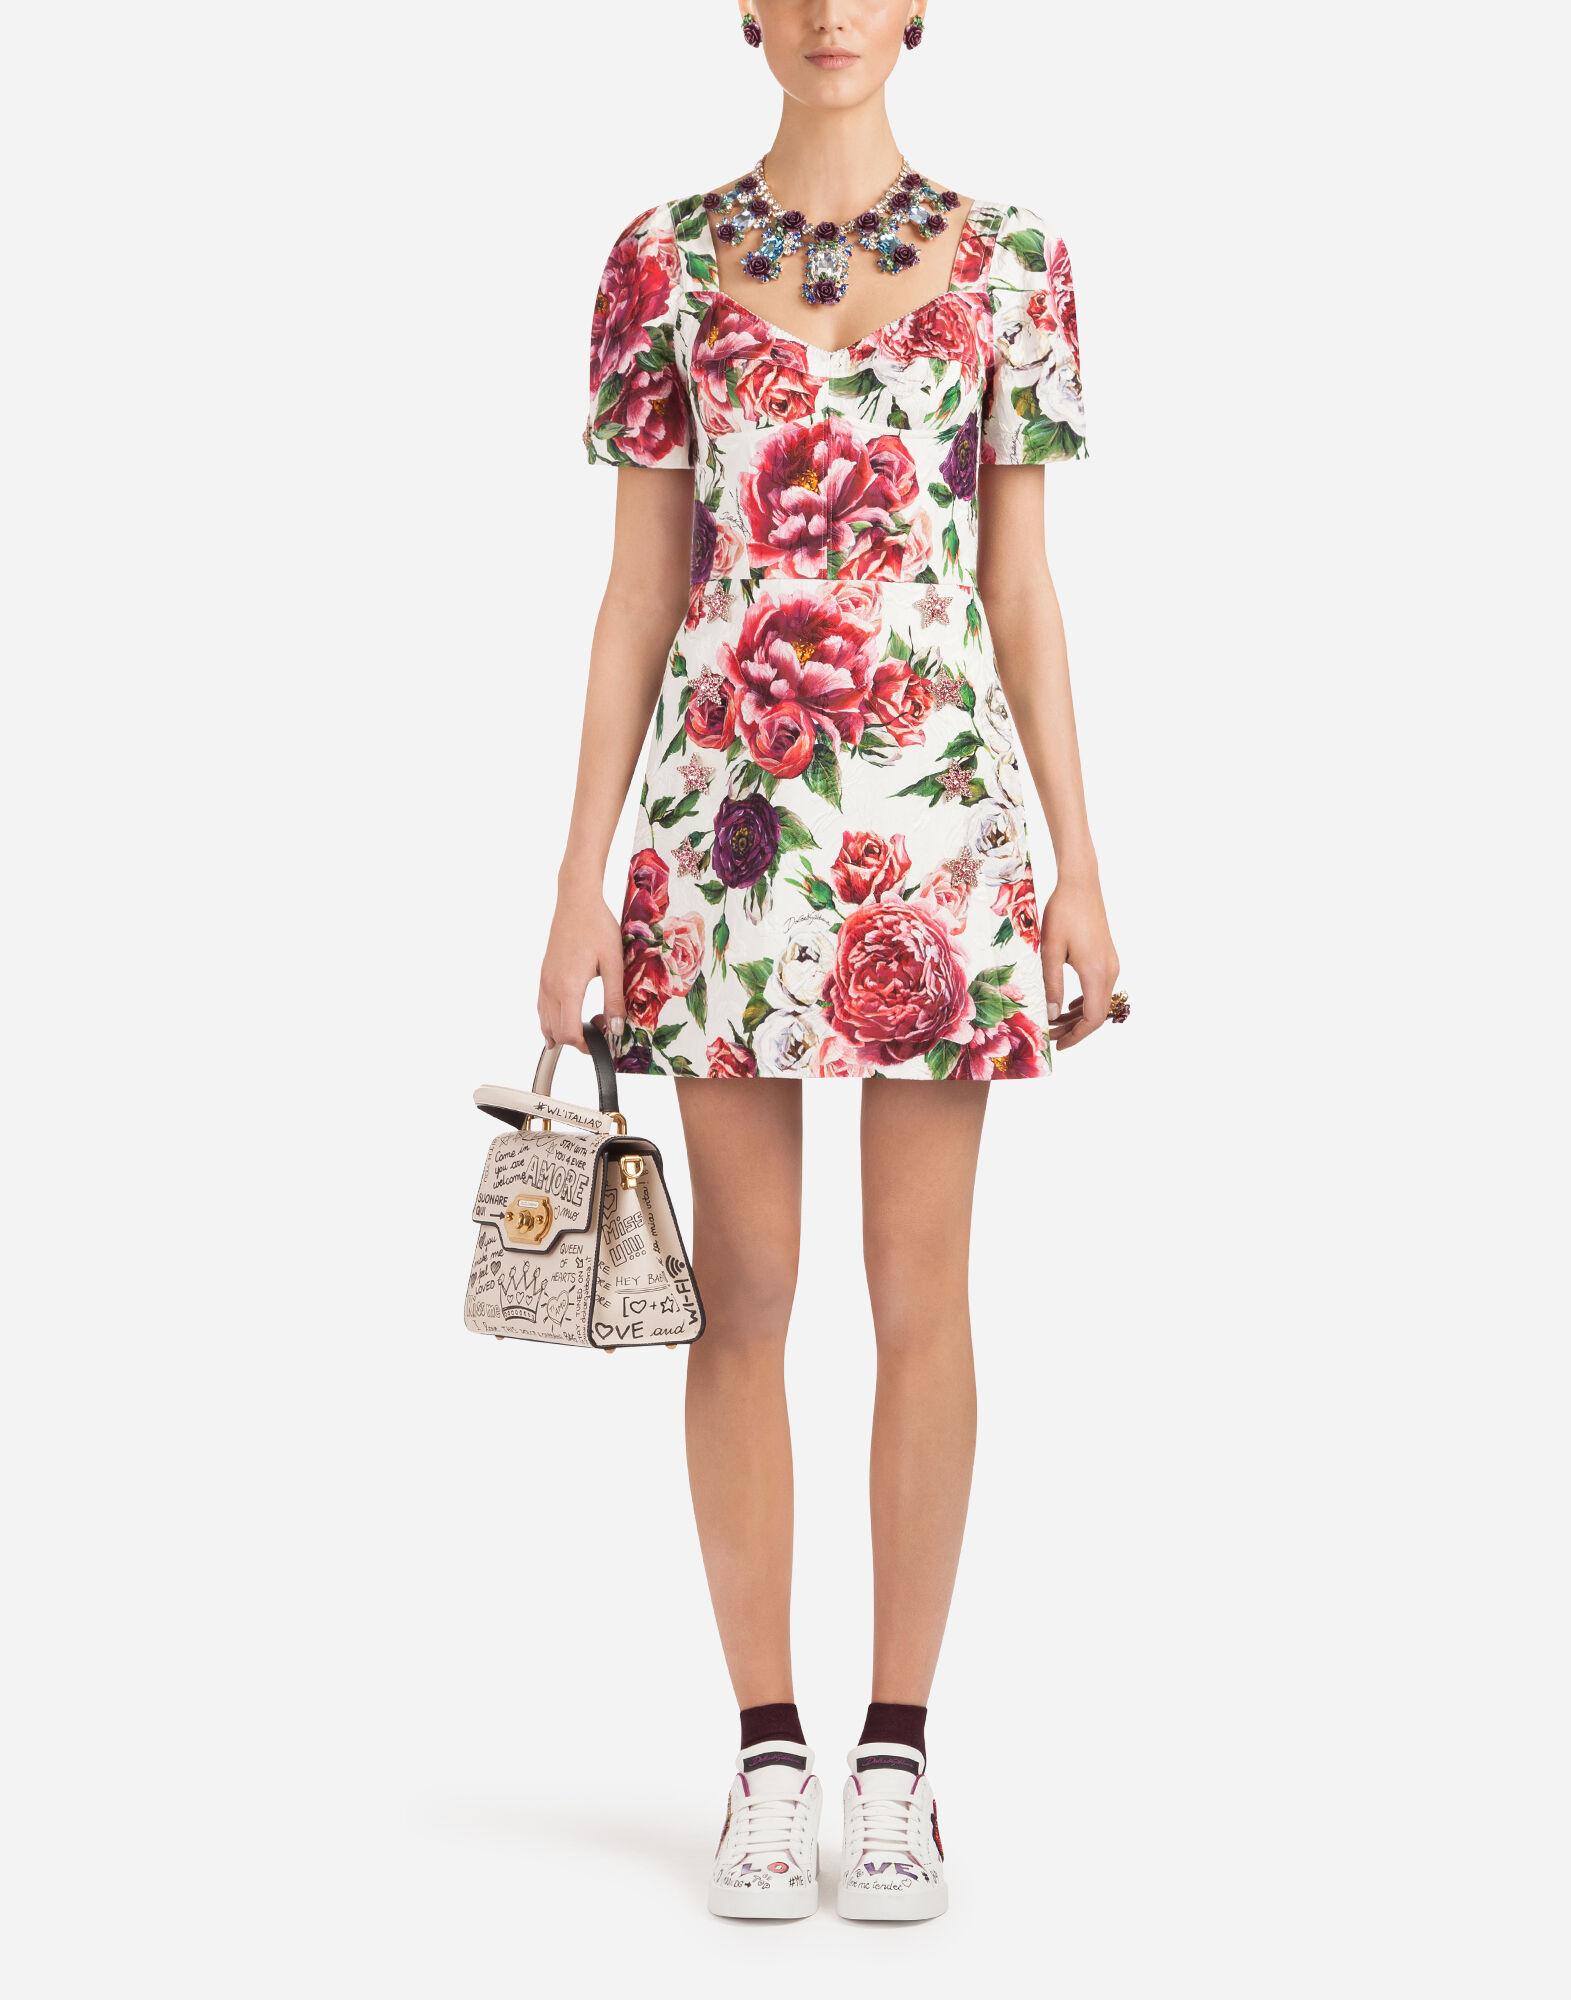 Dolce & Gabbana Woman Appliqu 0VeB9xpSU